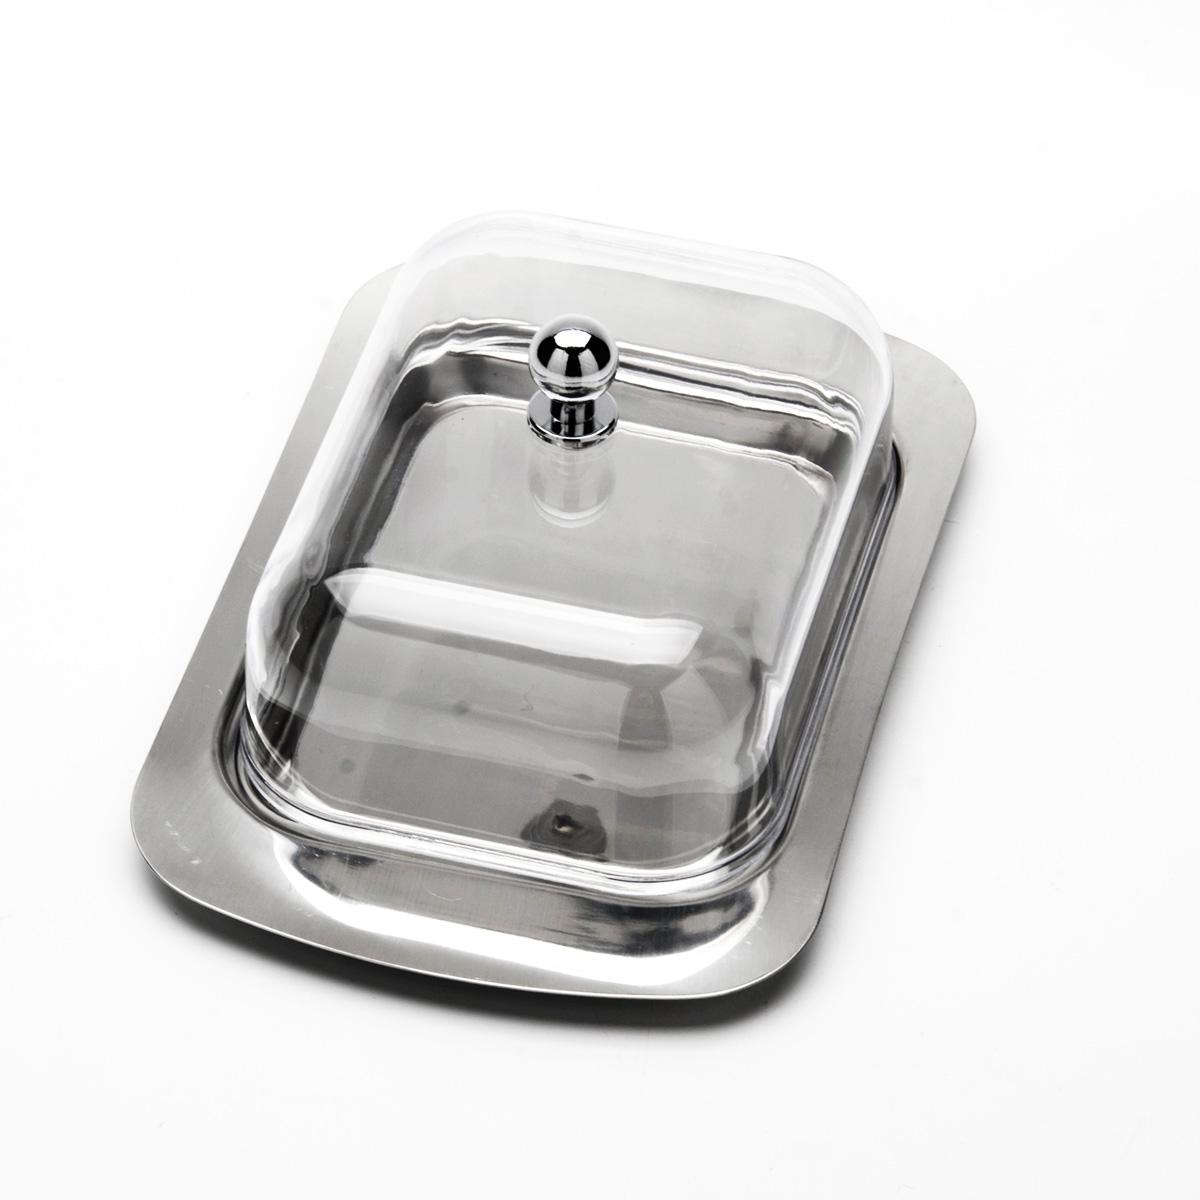 Масленка Mayer & Boch. 2000220002Масленка Mayer & Boch предназначена для красивой сервировки и хранения масла. Она состоит из акриловой крышки и подноса из нержавеющей стали. Масло в ней долго остается свежим, а при хранении в холодильнике не впитывает посторонние запахи. Гладкая поверхность обеспечивает легкую чистку. Можно мыть в посудомоечной машине. Размер подноса: 18,7 см х 12 см х 1,2 см. Размер крышки: 13,5 см х 10 см х 5,5 см.